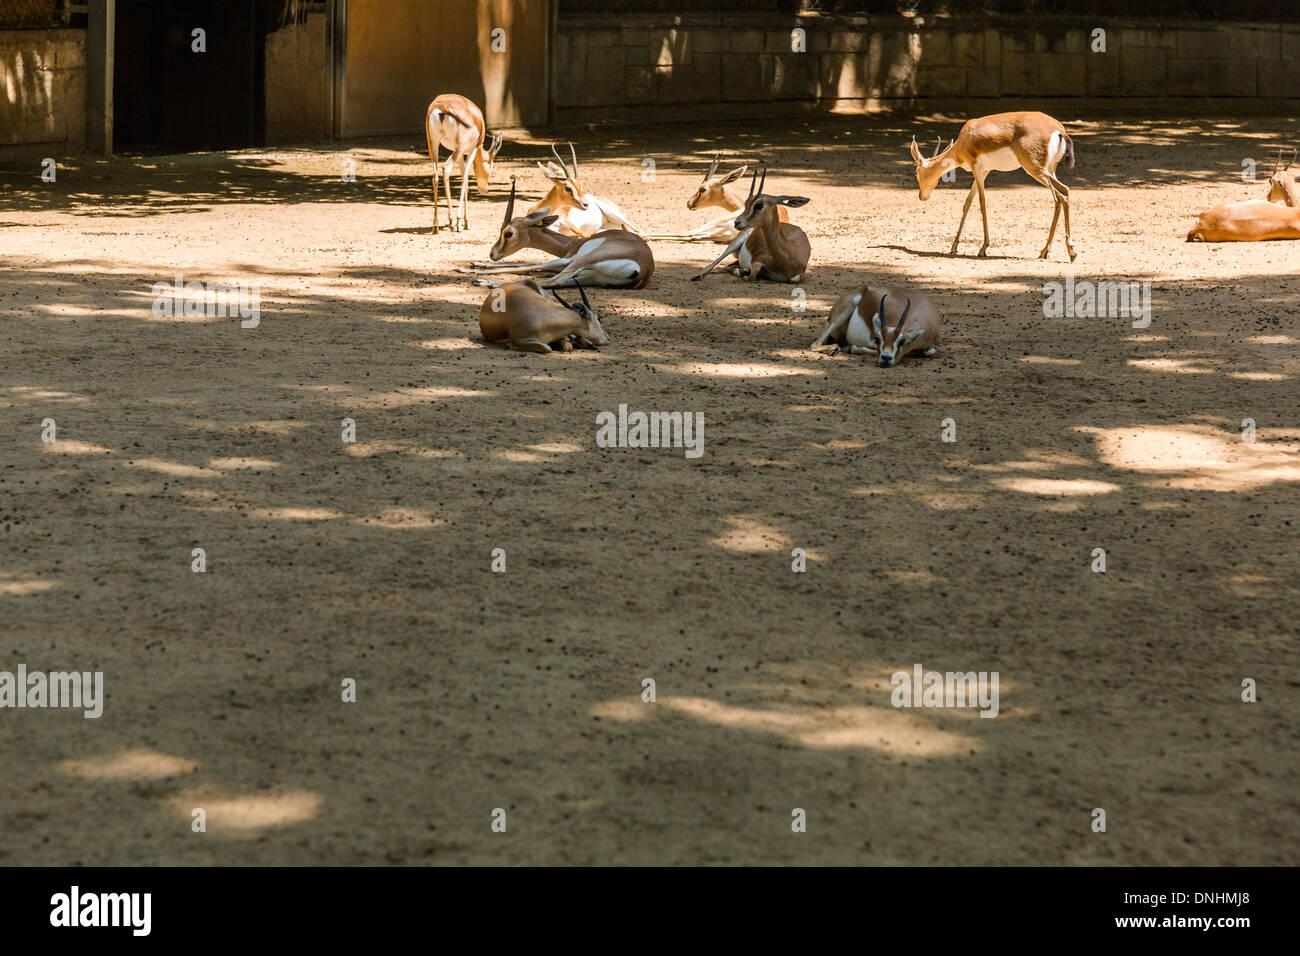 Les gazelles dans un zoo, le Zoo de Barcelone, Barcelone, Catalogne, Espagne Banque D'Images